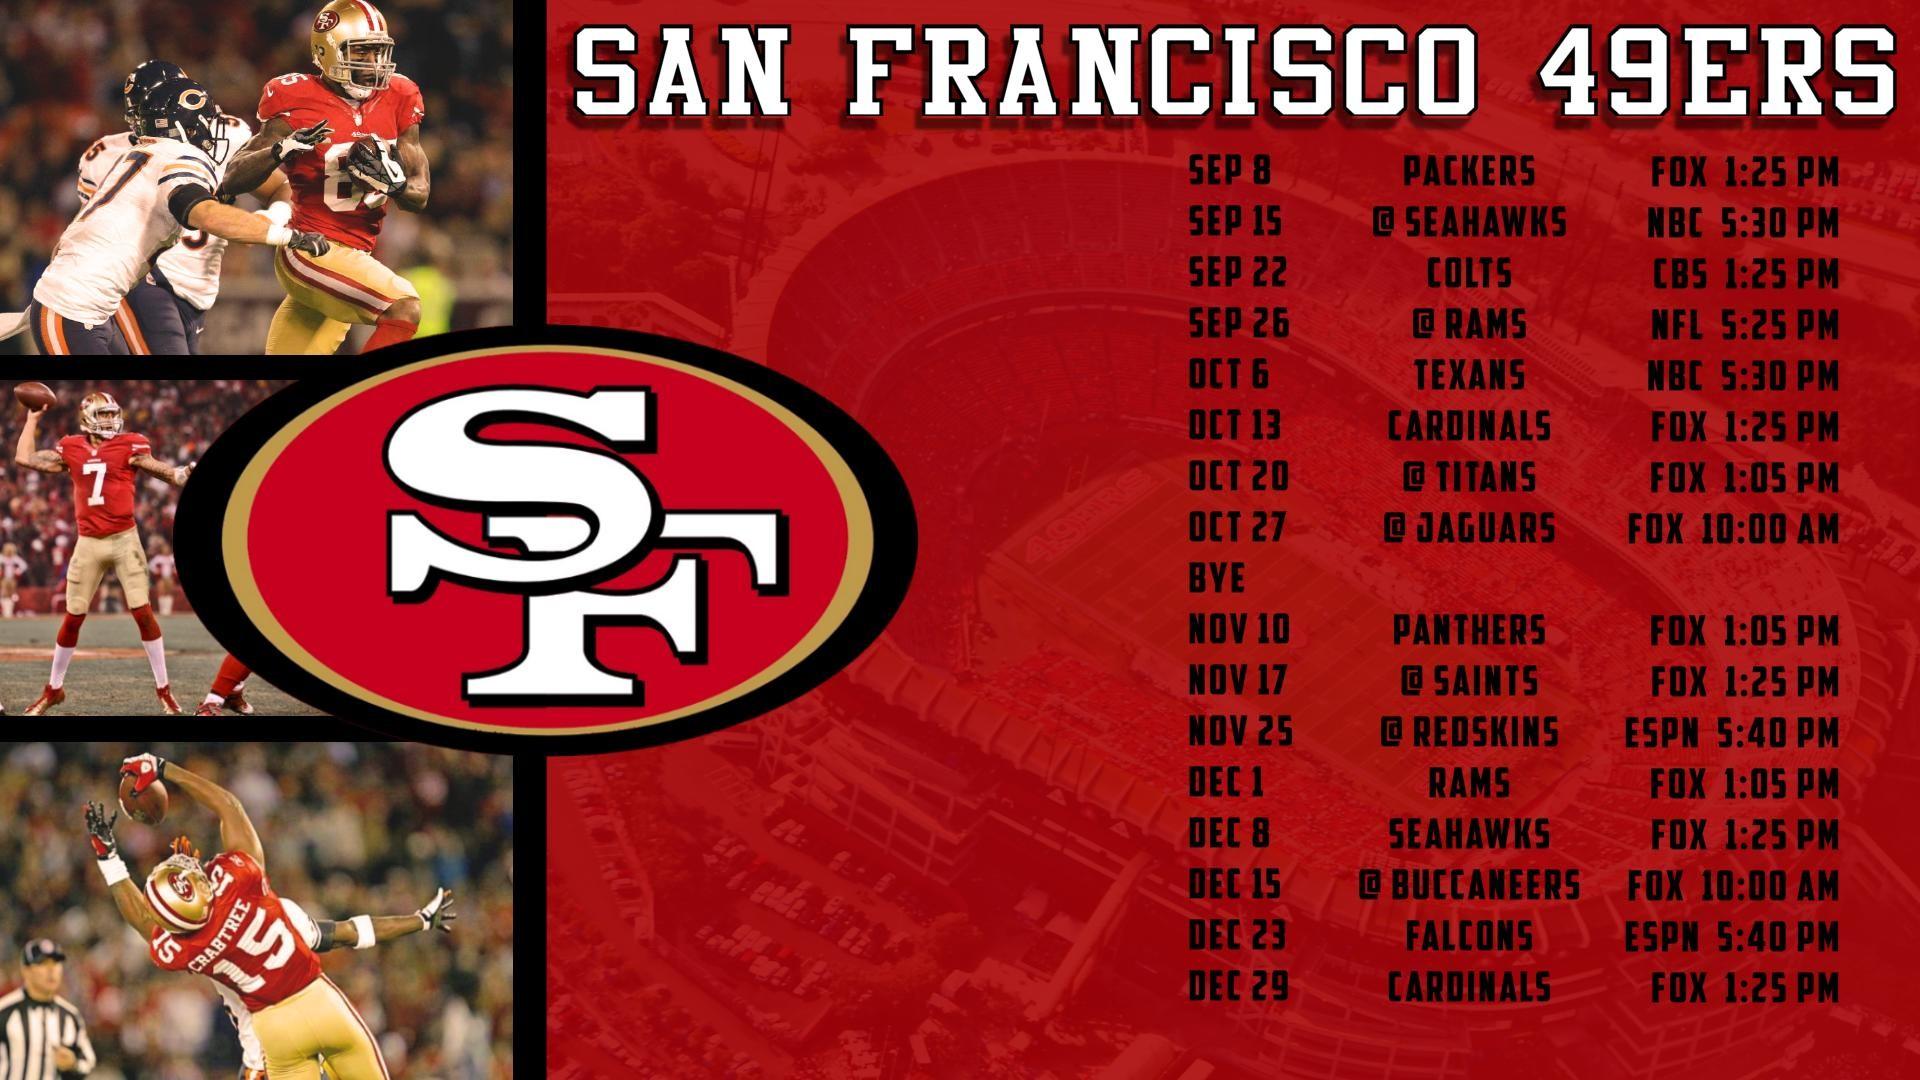 San Francisco 49ers Wallpapers 2015 – Wallpaper Cave 0 HTML code. Sun, 29  Dec 2013 20:29:02 -0800, SB Nation